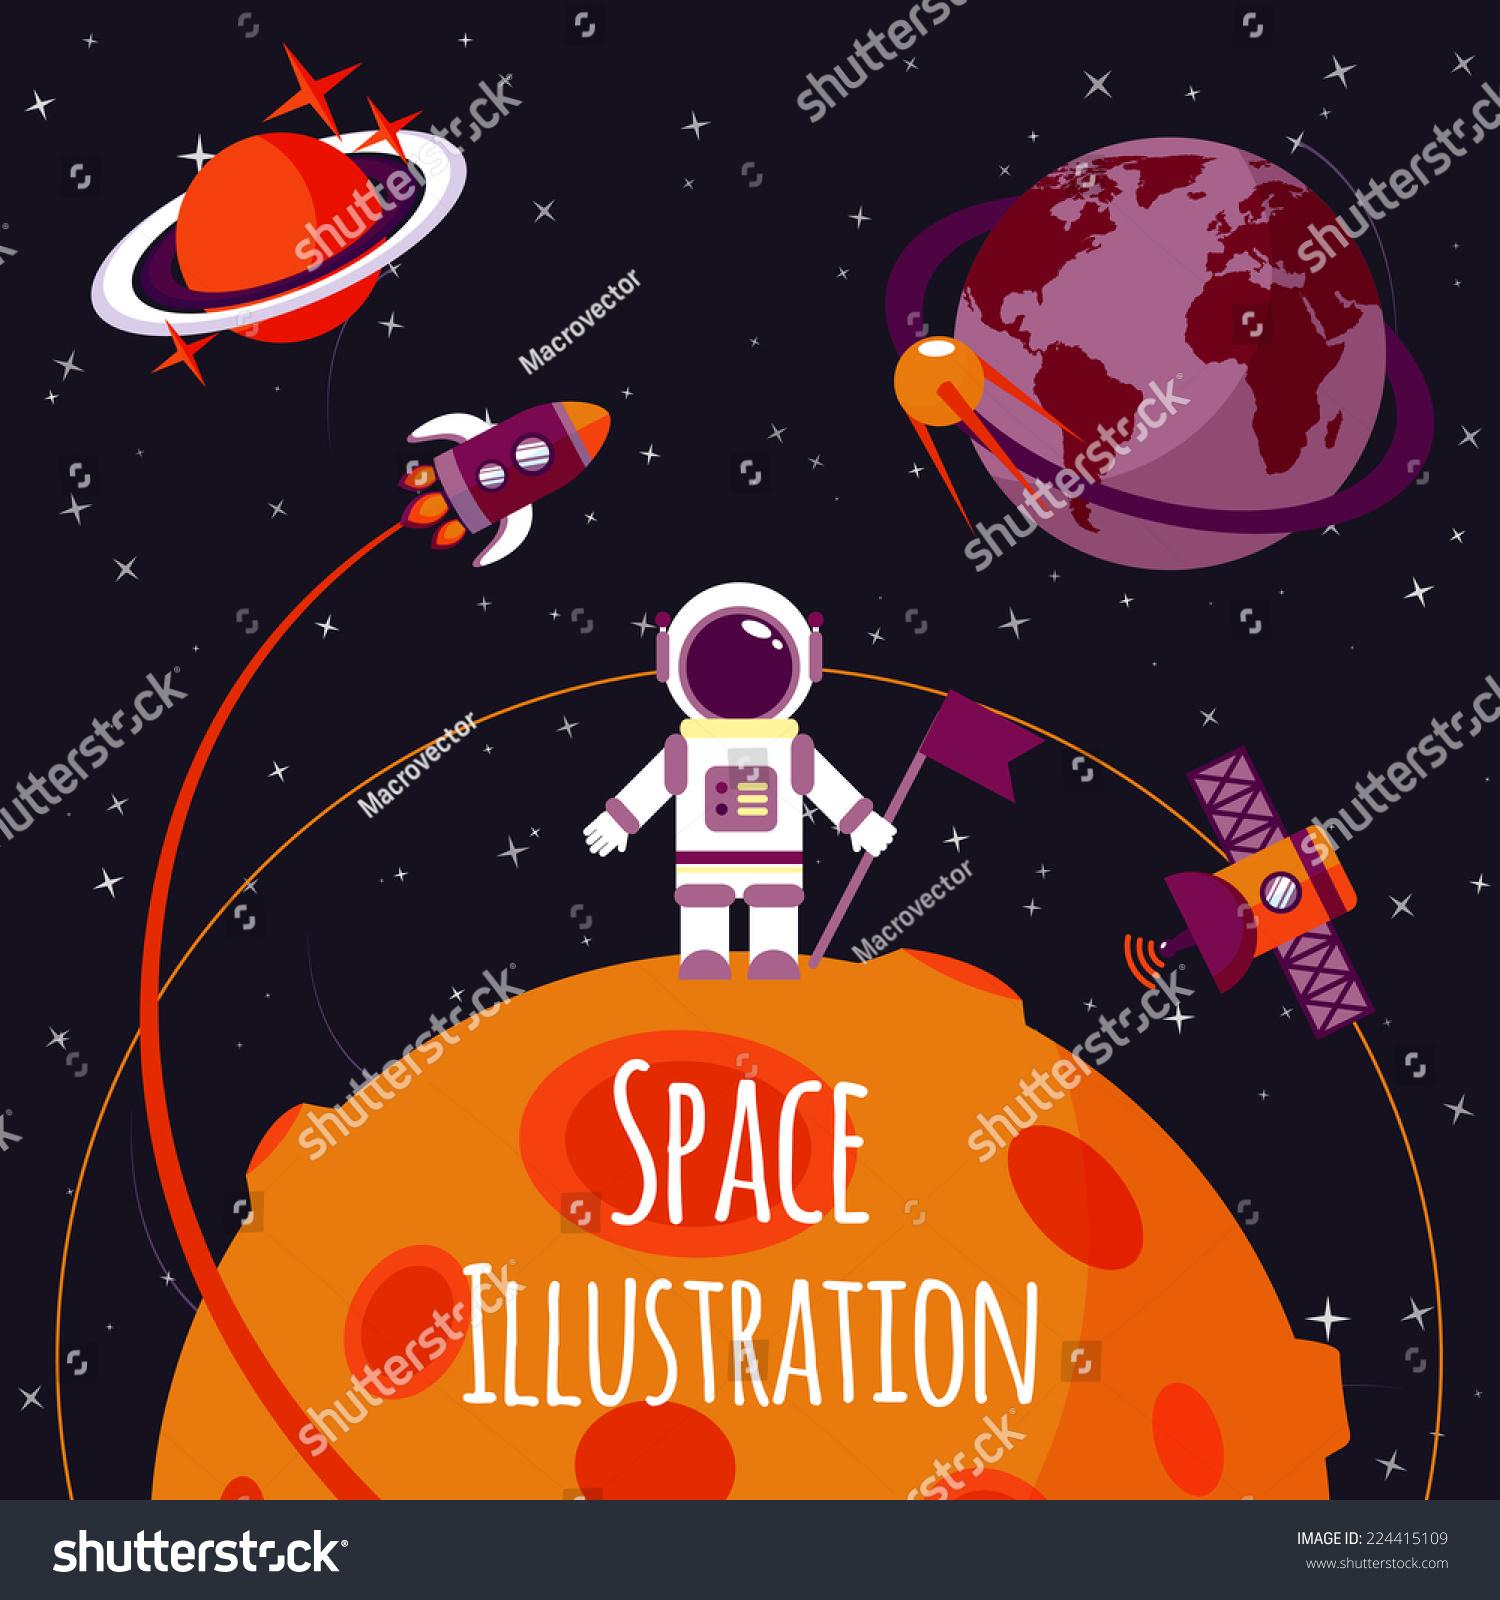 rocket space suit illustrations - photo #35